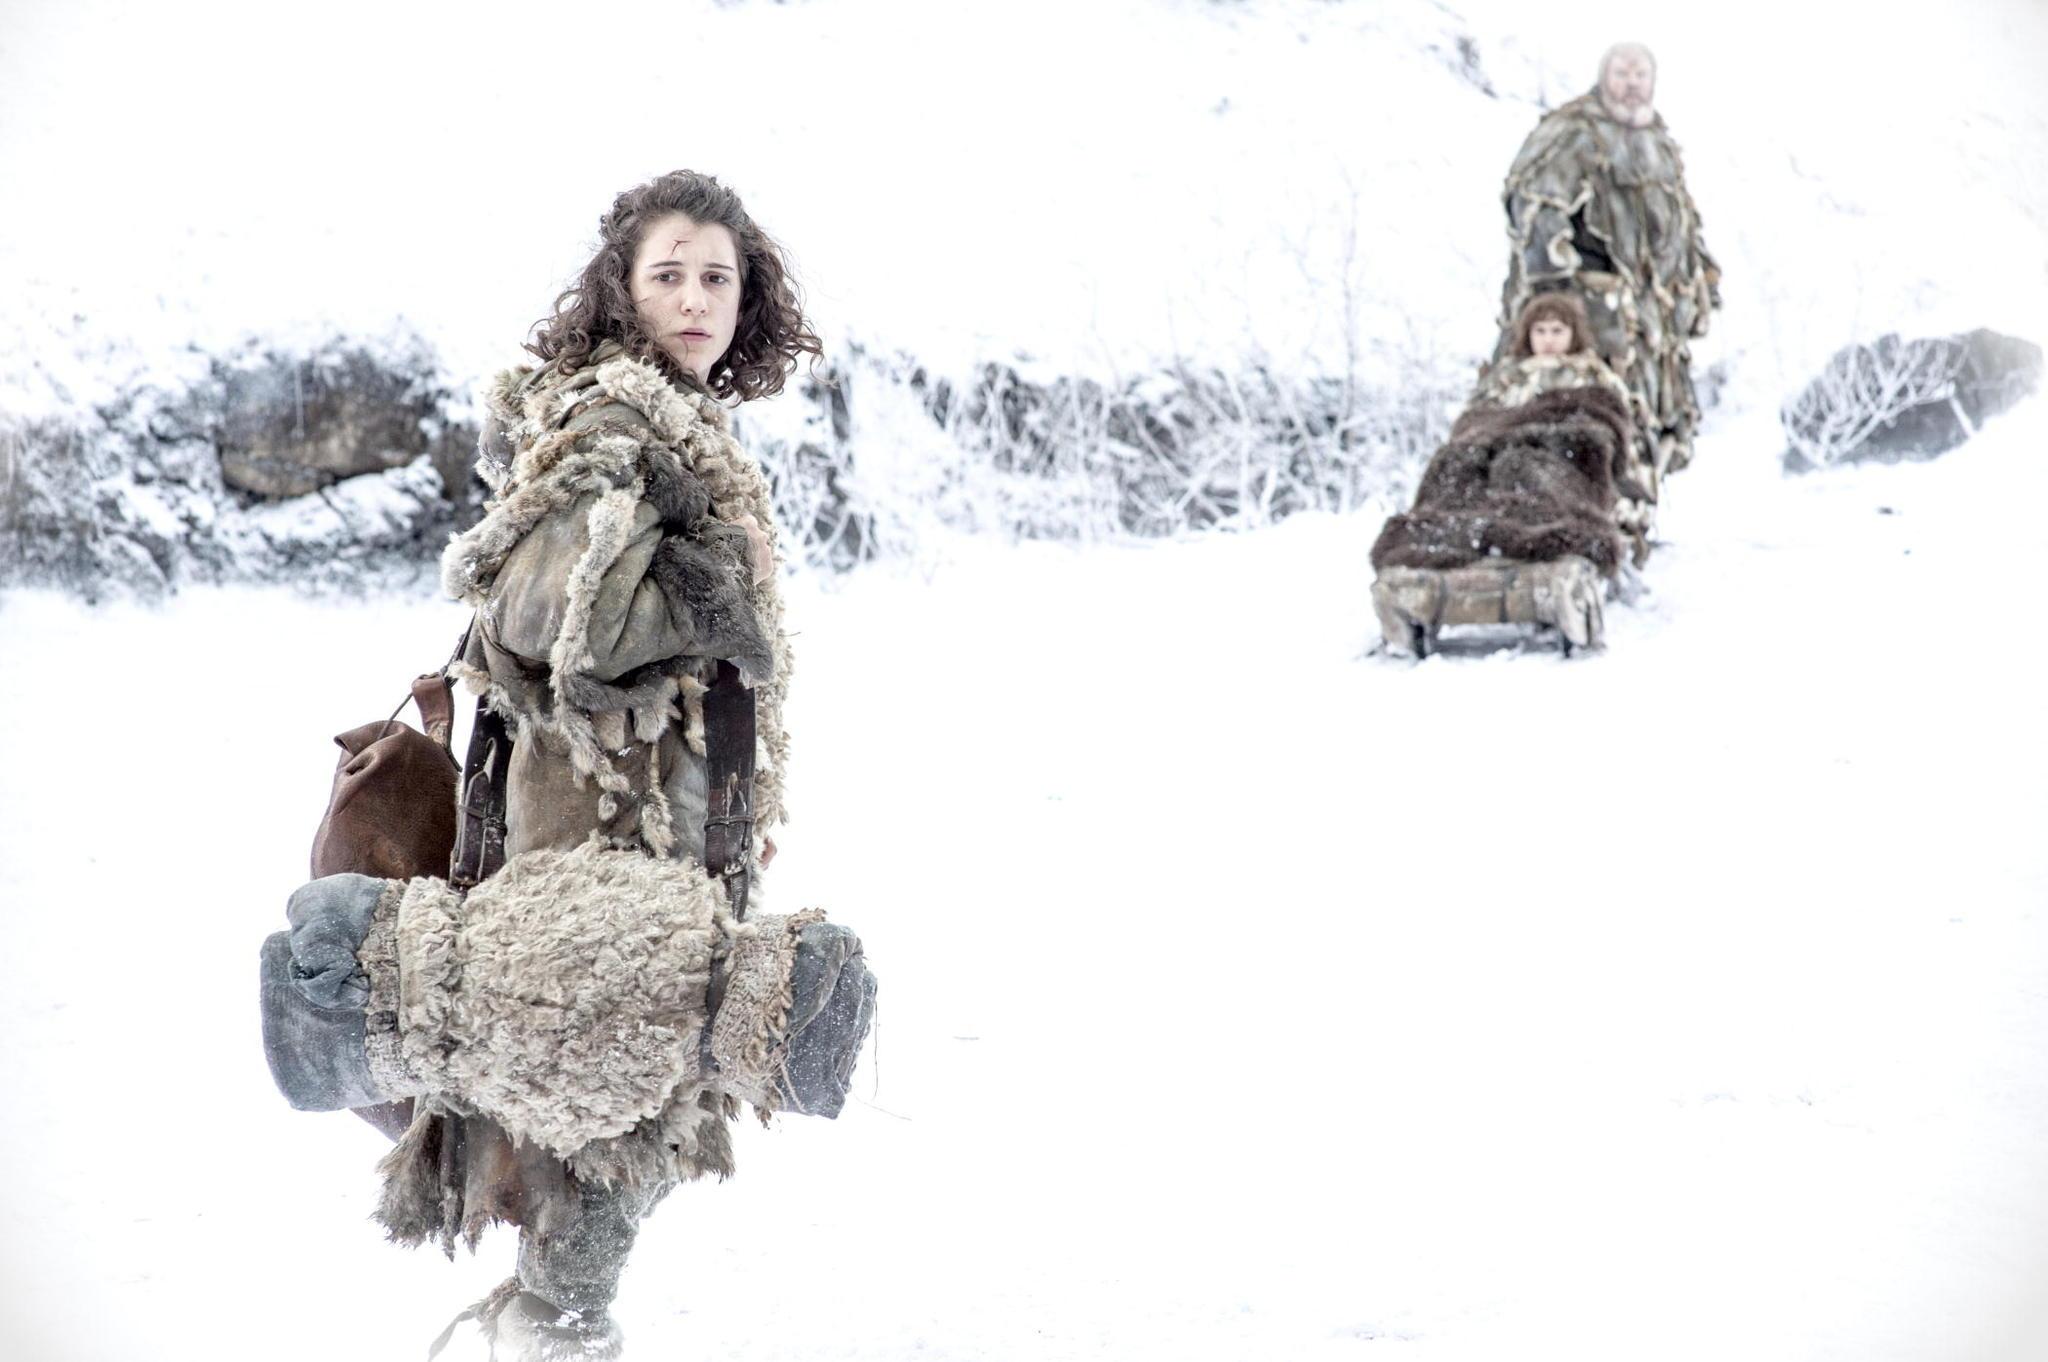 Game of Thrones Season 4 Finale – 4 New Stills From 'The Children' – We Geek Girls